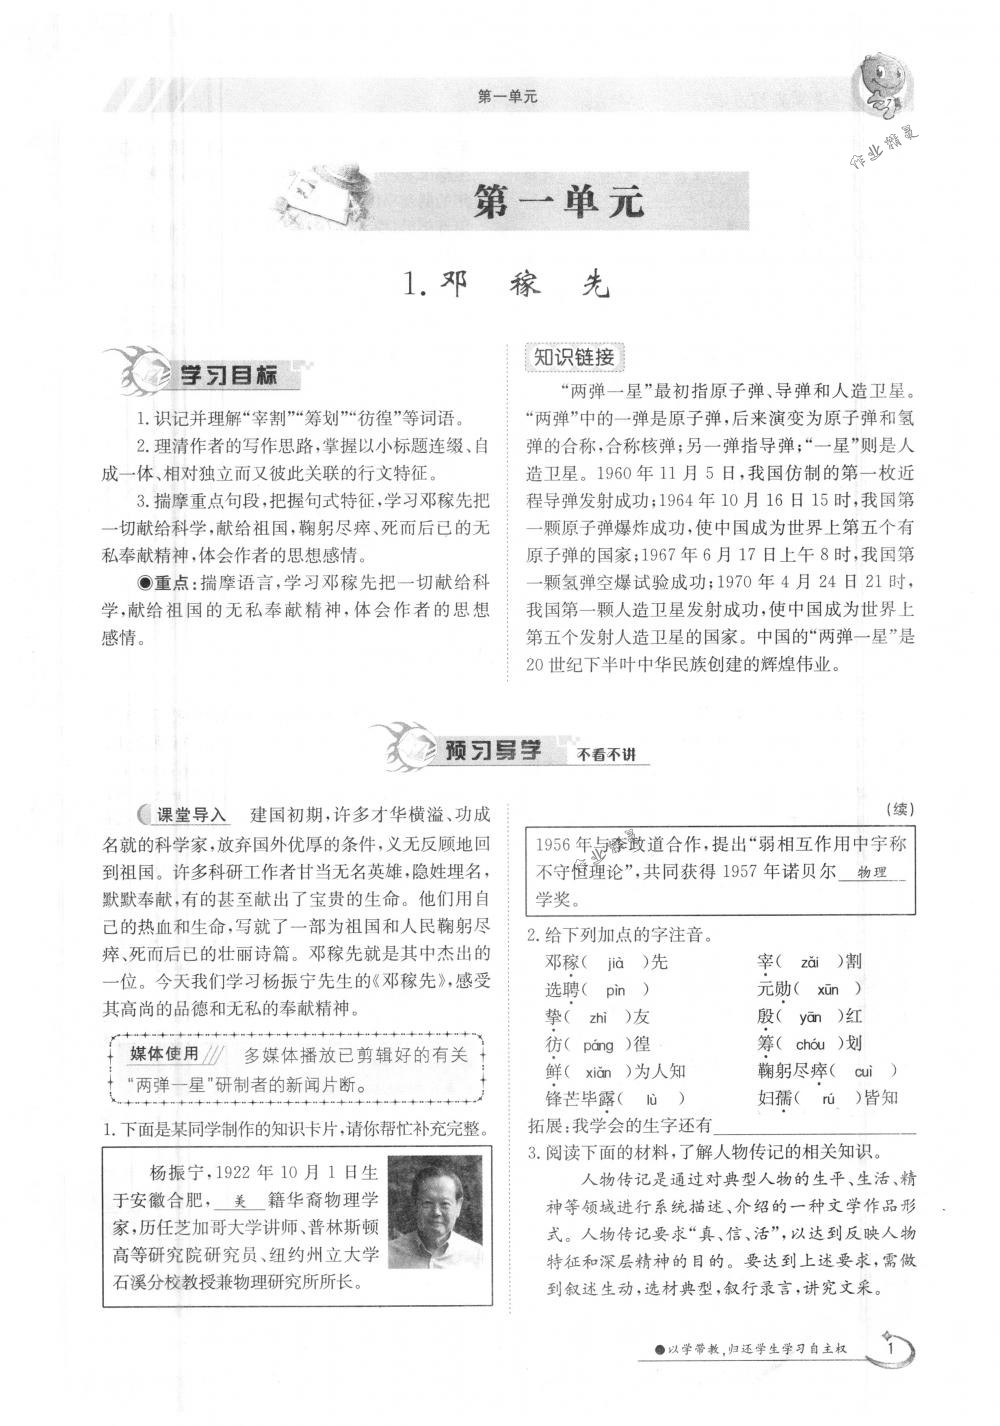 2018年金太阳导学案七年级语文下册人教版第1页